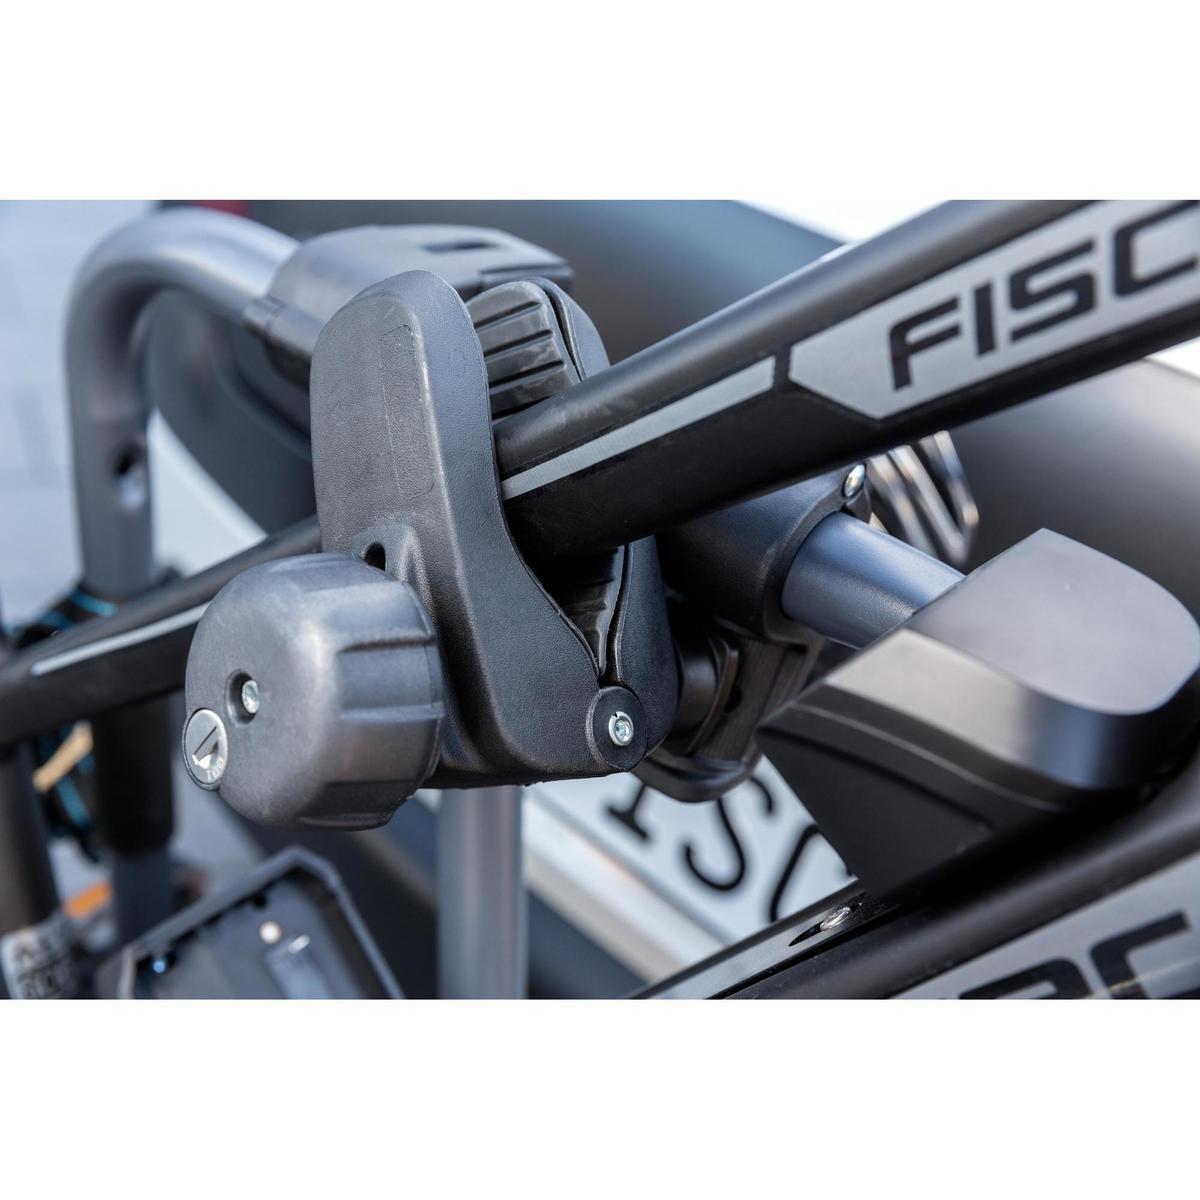 Bild 4 von Fahrradträger Heckträger PRO LINE EVO für Anhängerkupplung 2 Räder